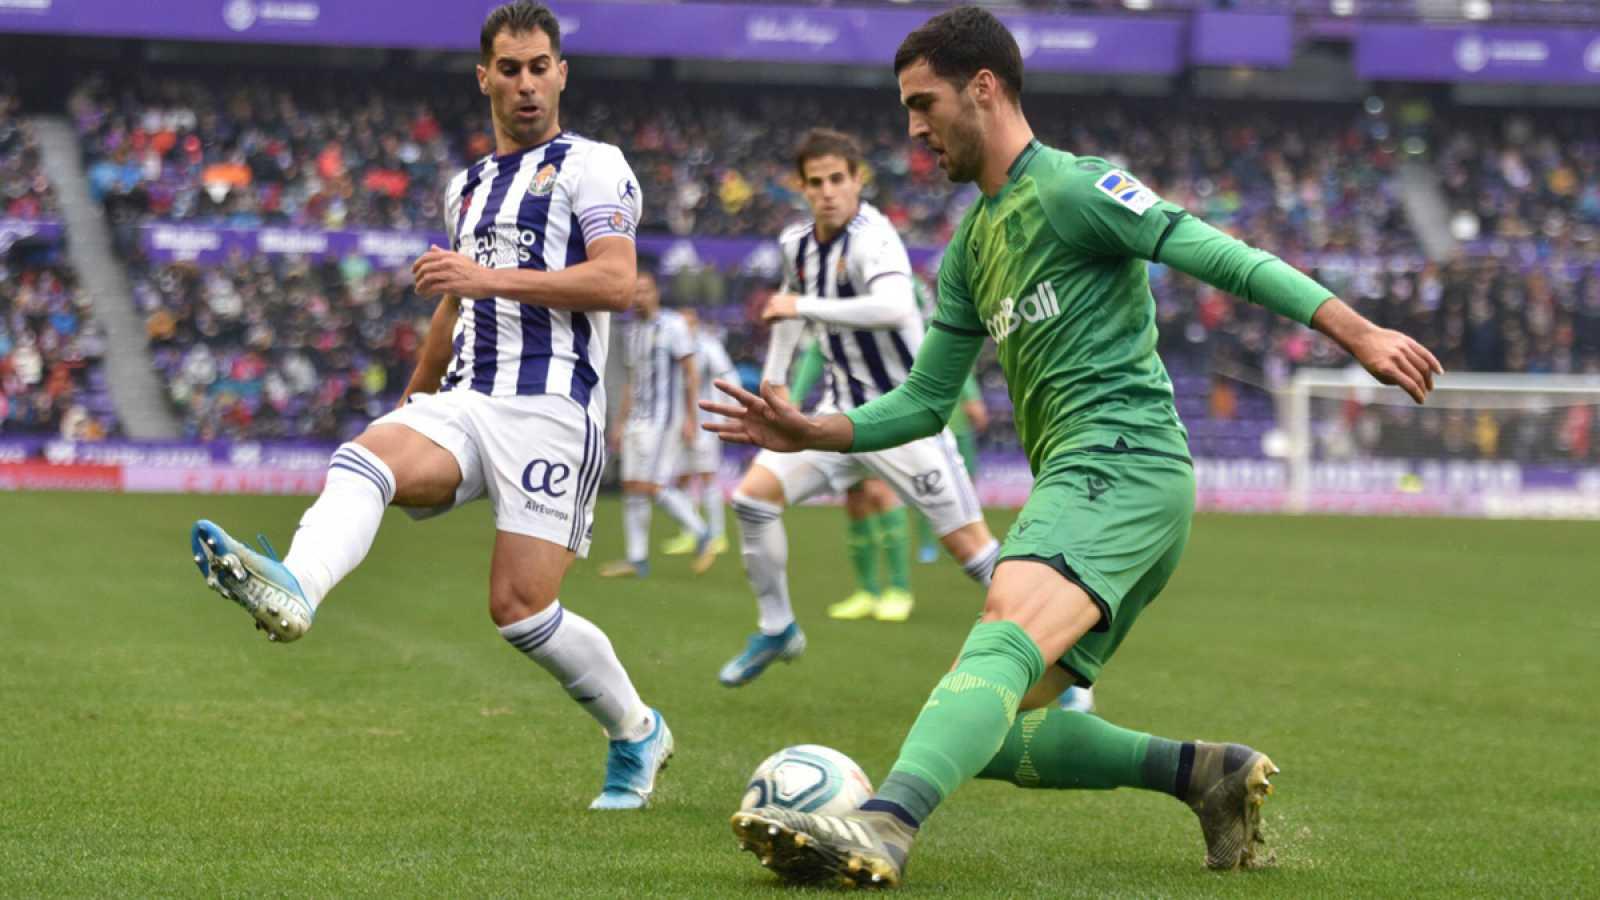 Imagen del Valladolid - Real Sociedad